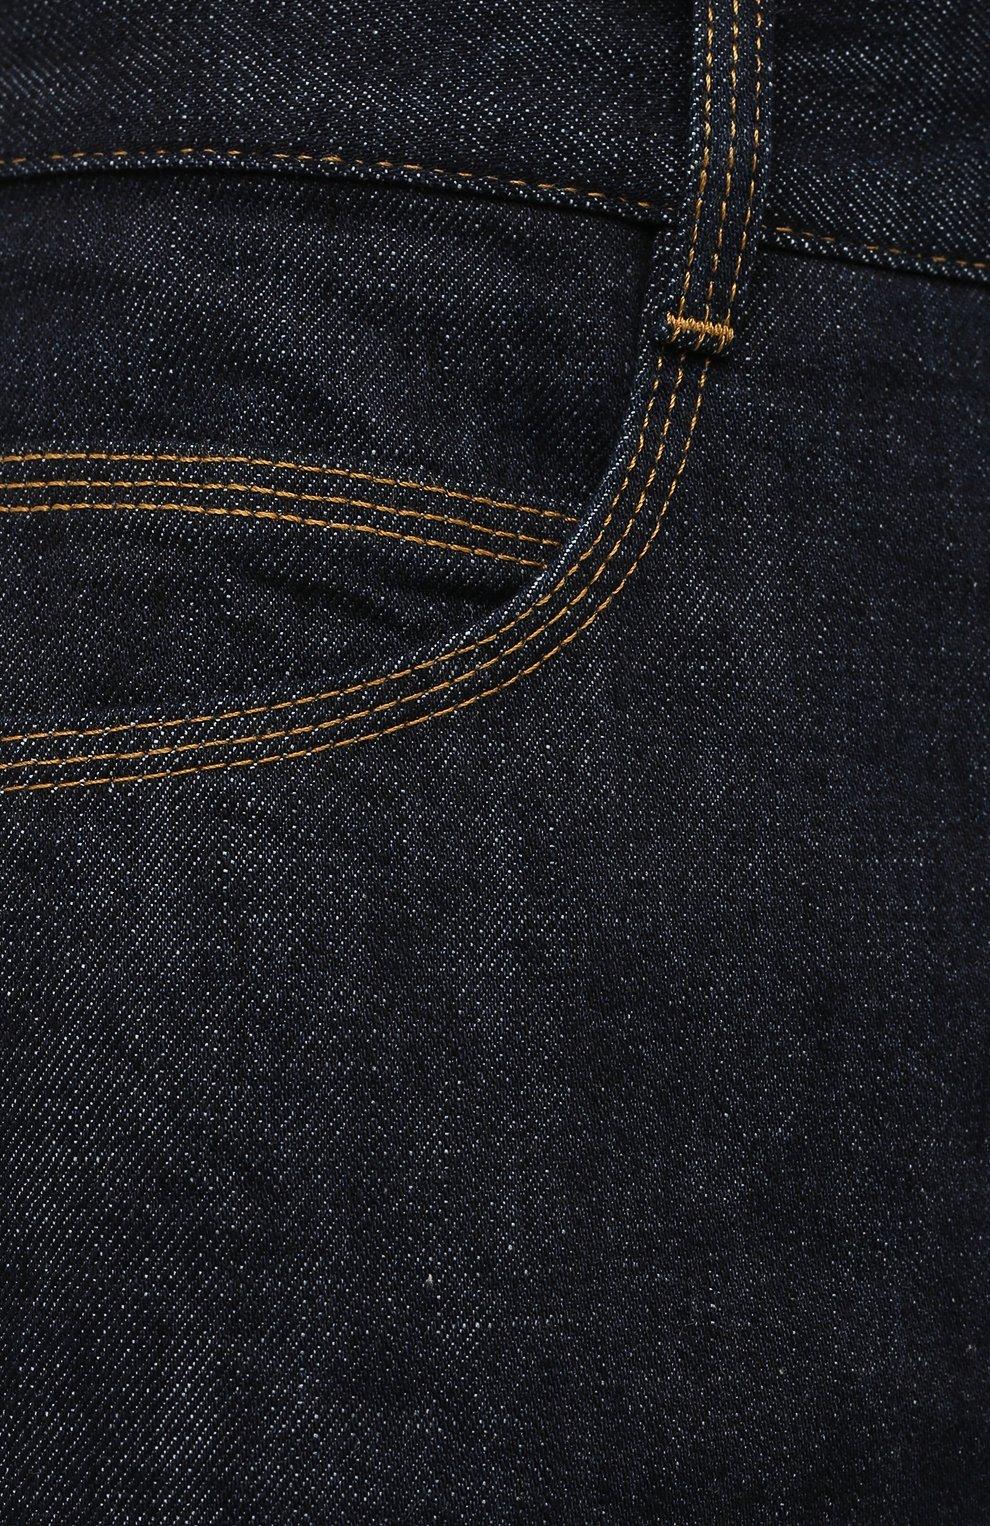 Мужские джинсы BOTTEGA VENETA темно-синего цвета, арт. 649888/V08Y0 | Фото 5 (Силуэт М (брюки): Прямые; Кросс-КТ: Деним; Длина (брюки, джинсы): Стандартные; Материал внешний: Хлопок, Деним; Стили: Минимализм)